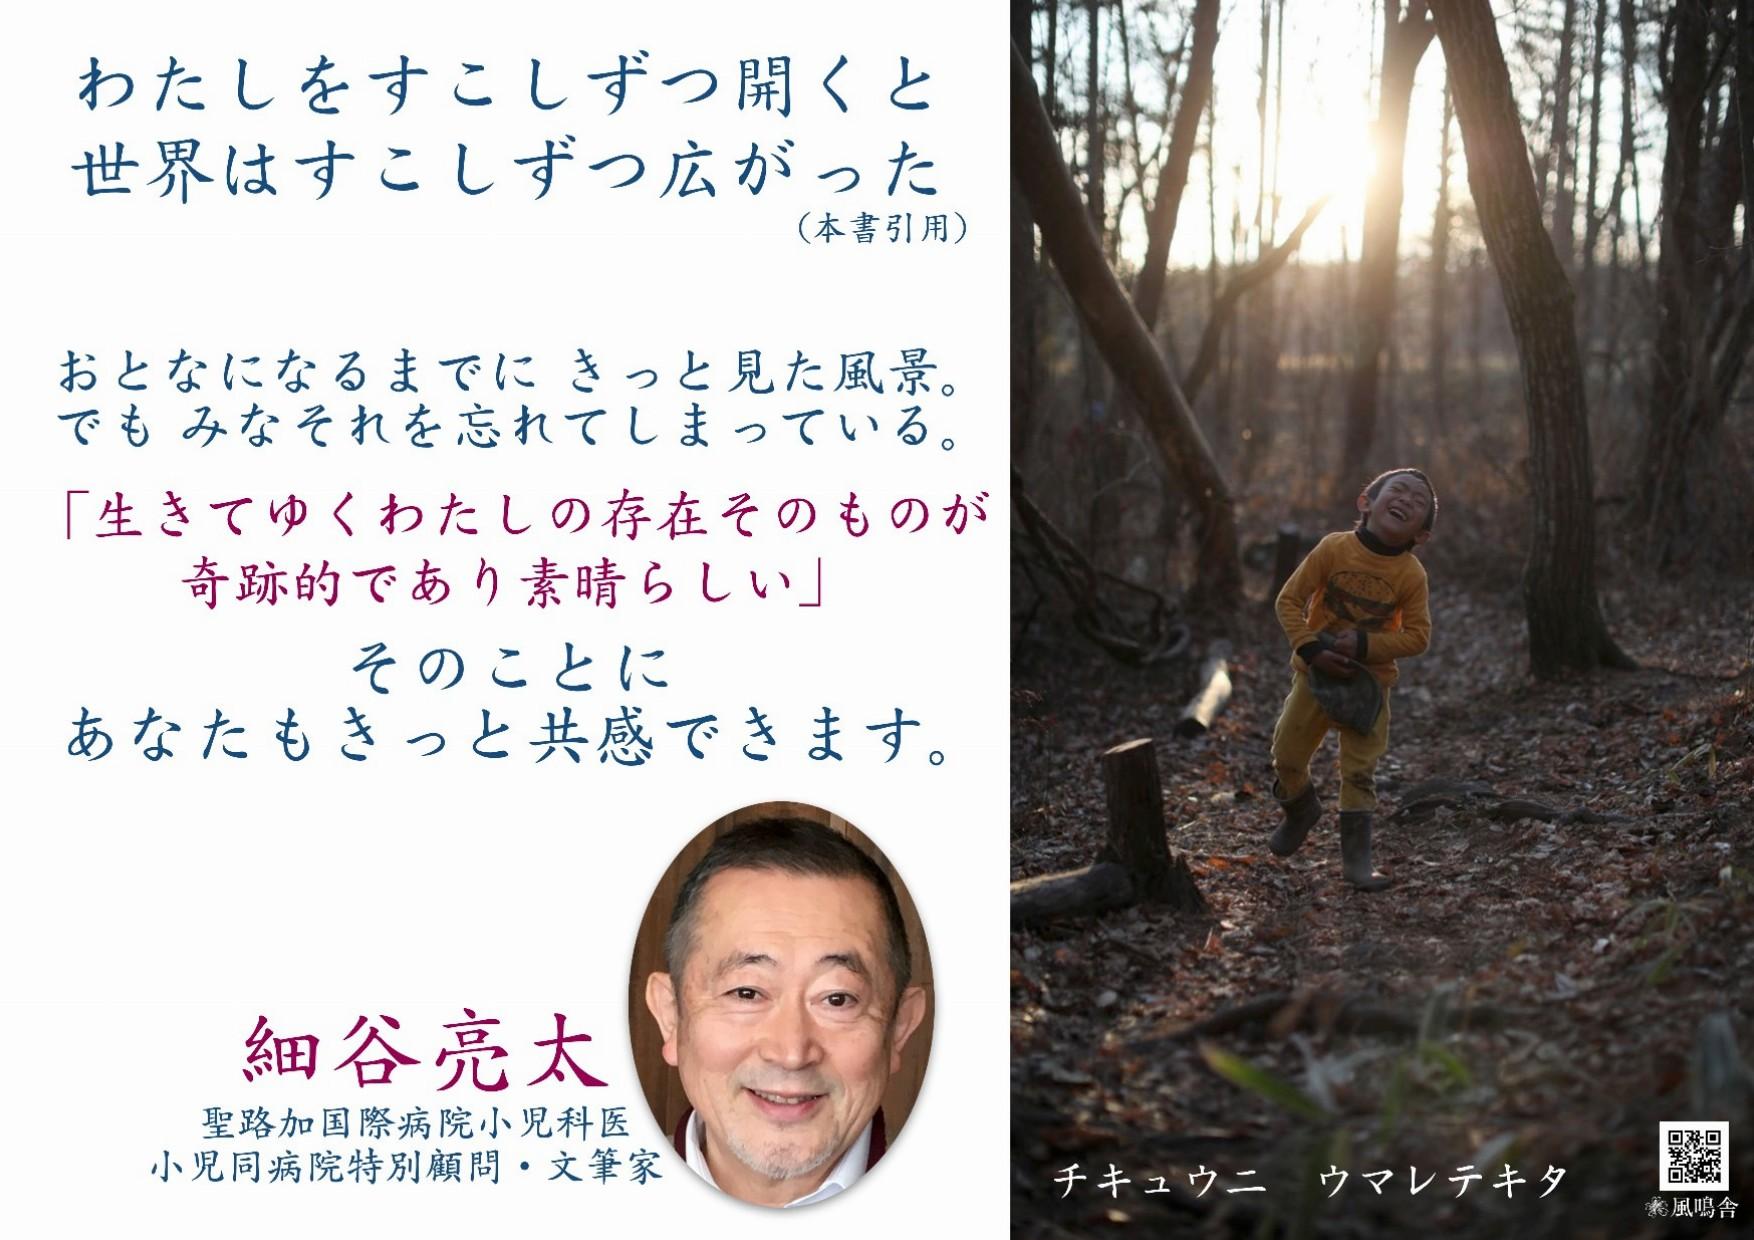 チキュウ二ウマレテキタ_推薦文3pop